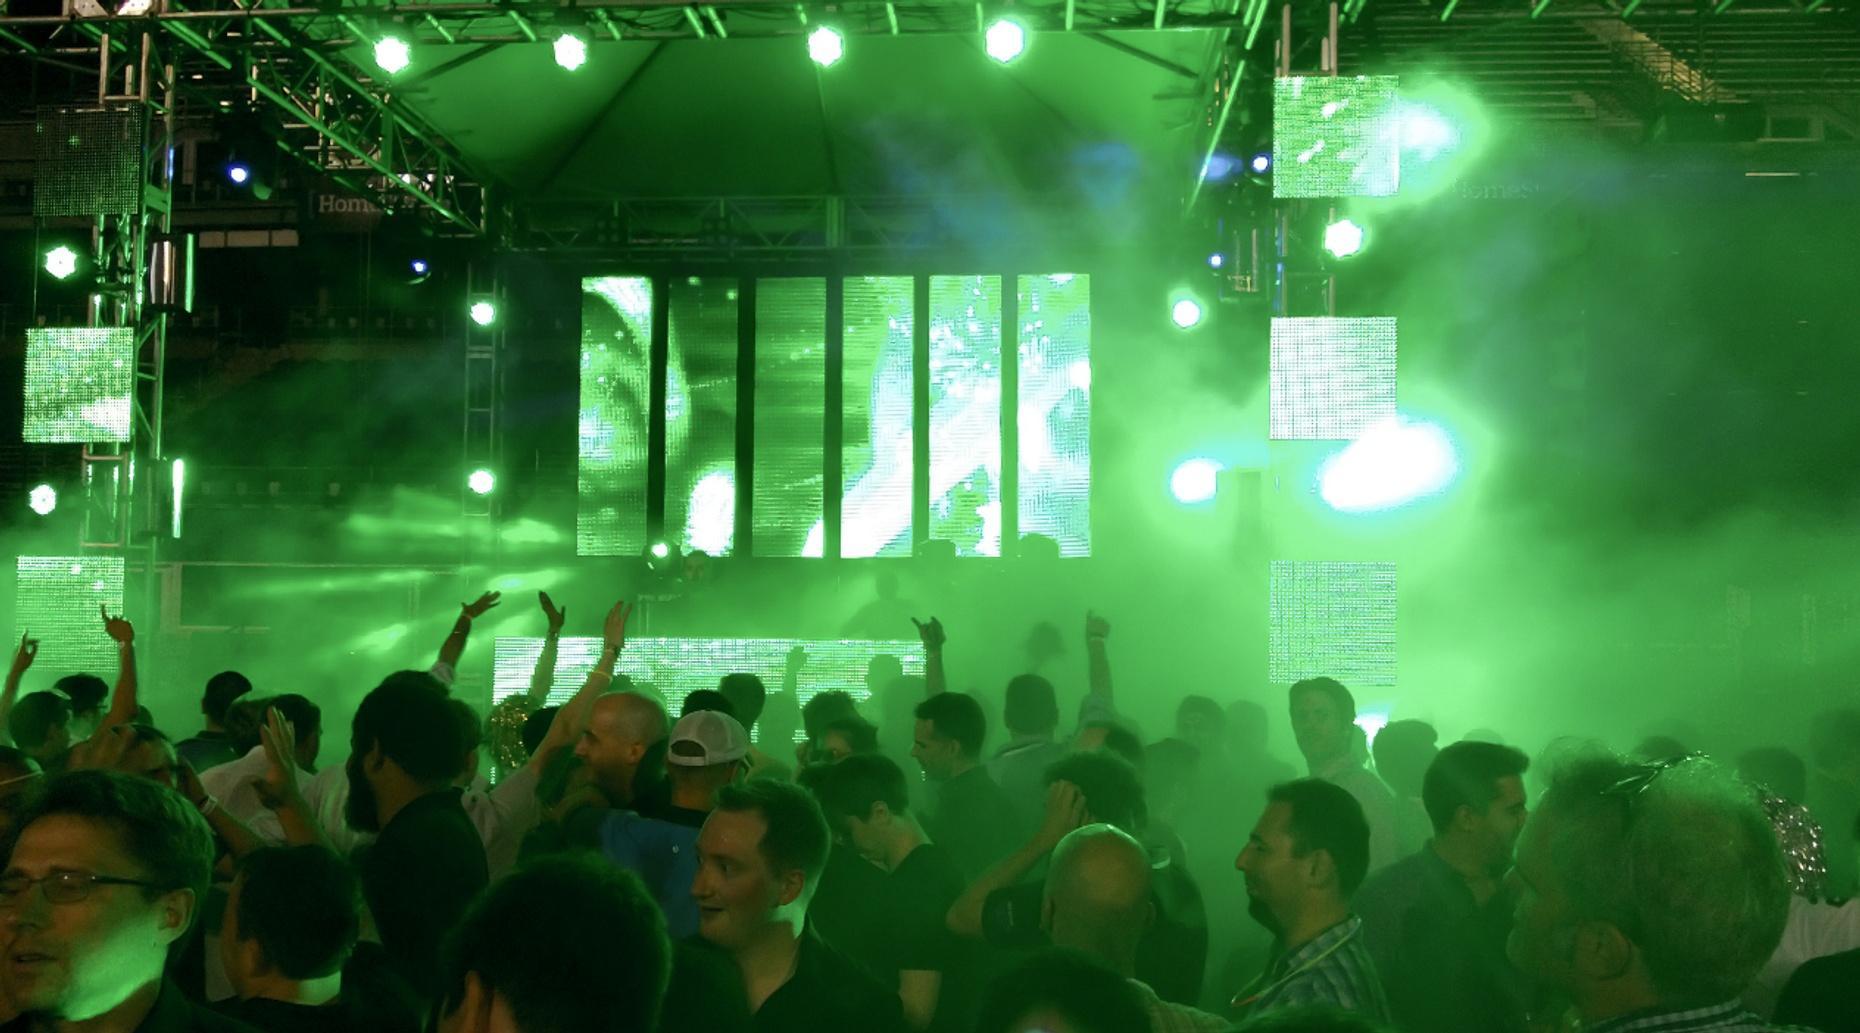 Palazzo Nightclub Experience in Cancun